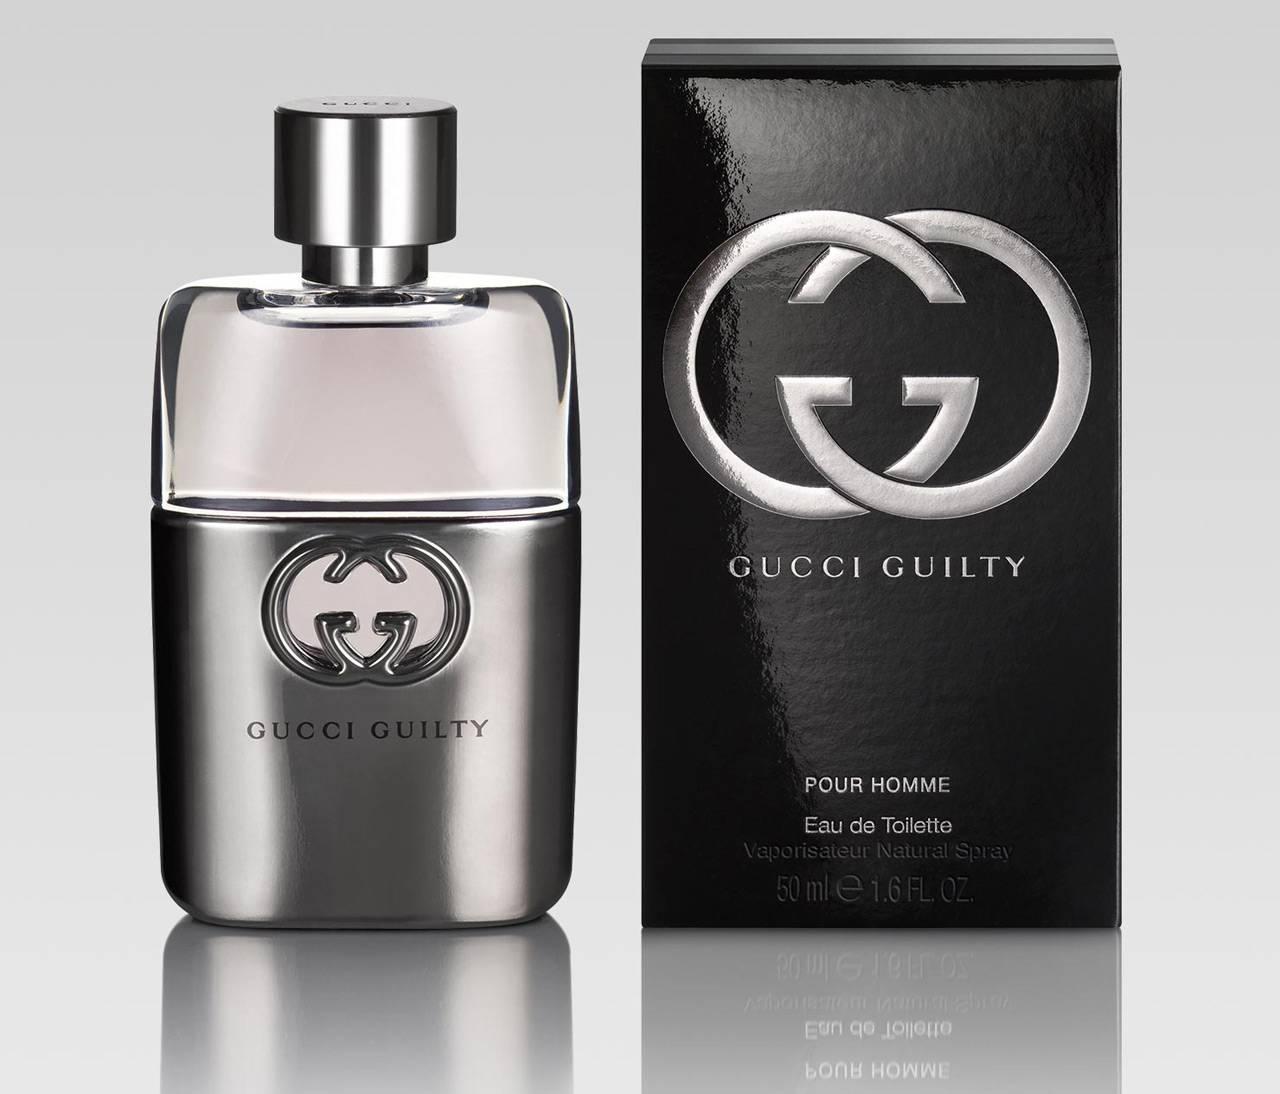 Gucci-Guilty-Pour-Homme-2